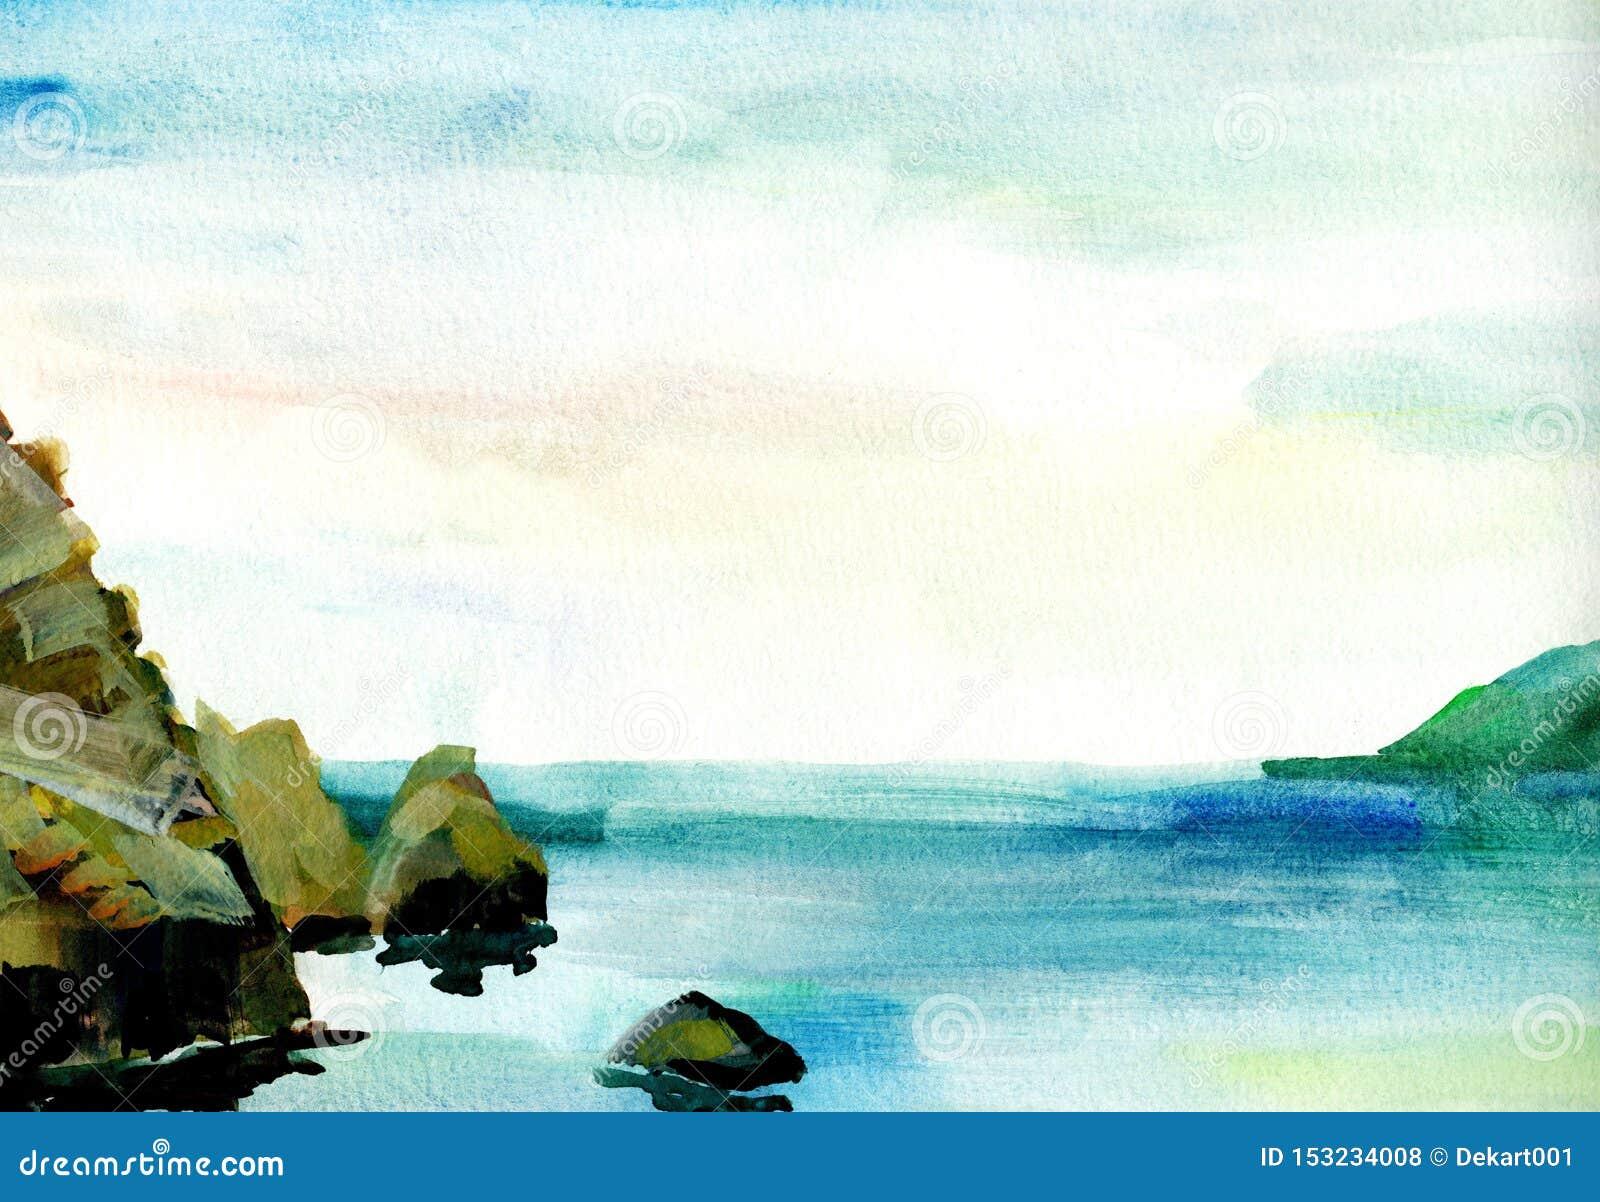 Paysage De Mer Cote De Mer Plage Montagnes Roches Belle Illustration De Peinture De Main D Aquarelle Illustration Stock Illustration Du Belle Peinture 153234008